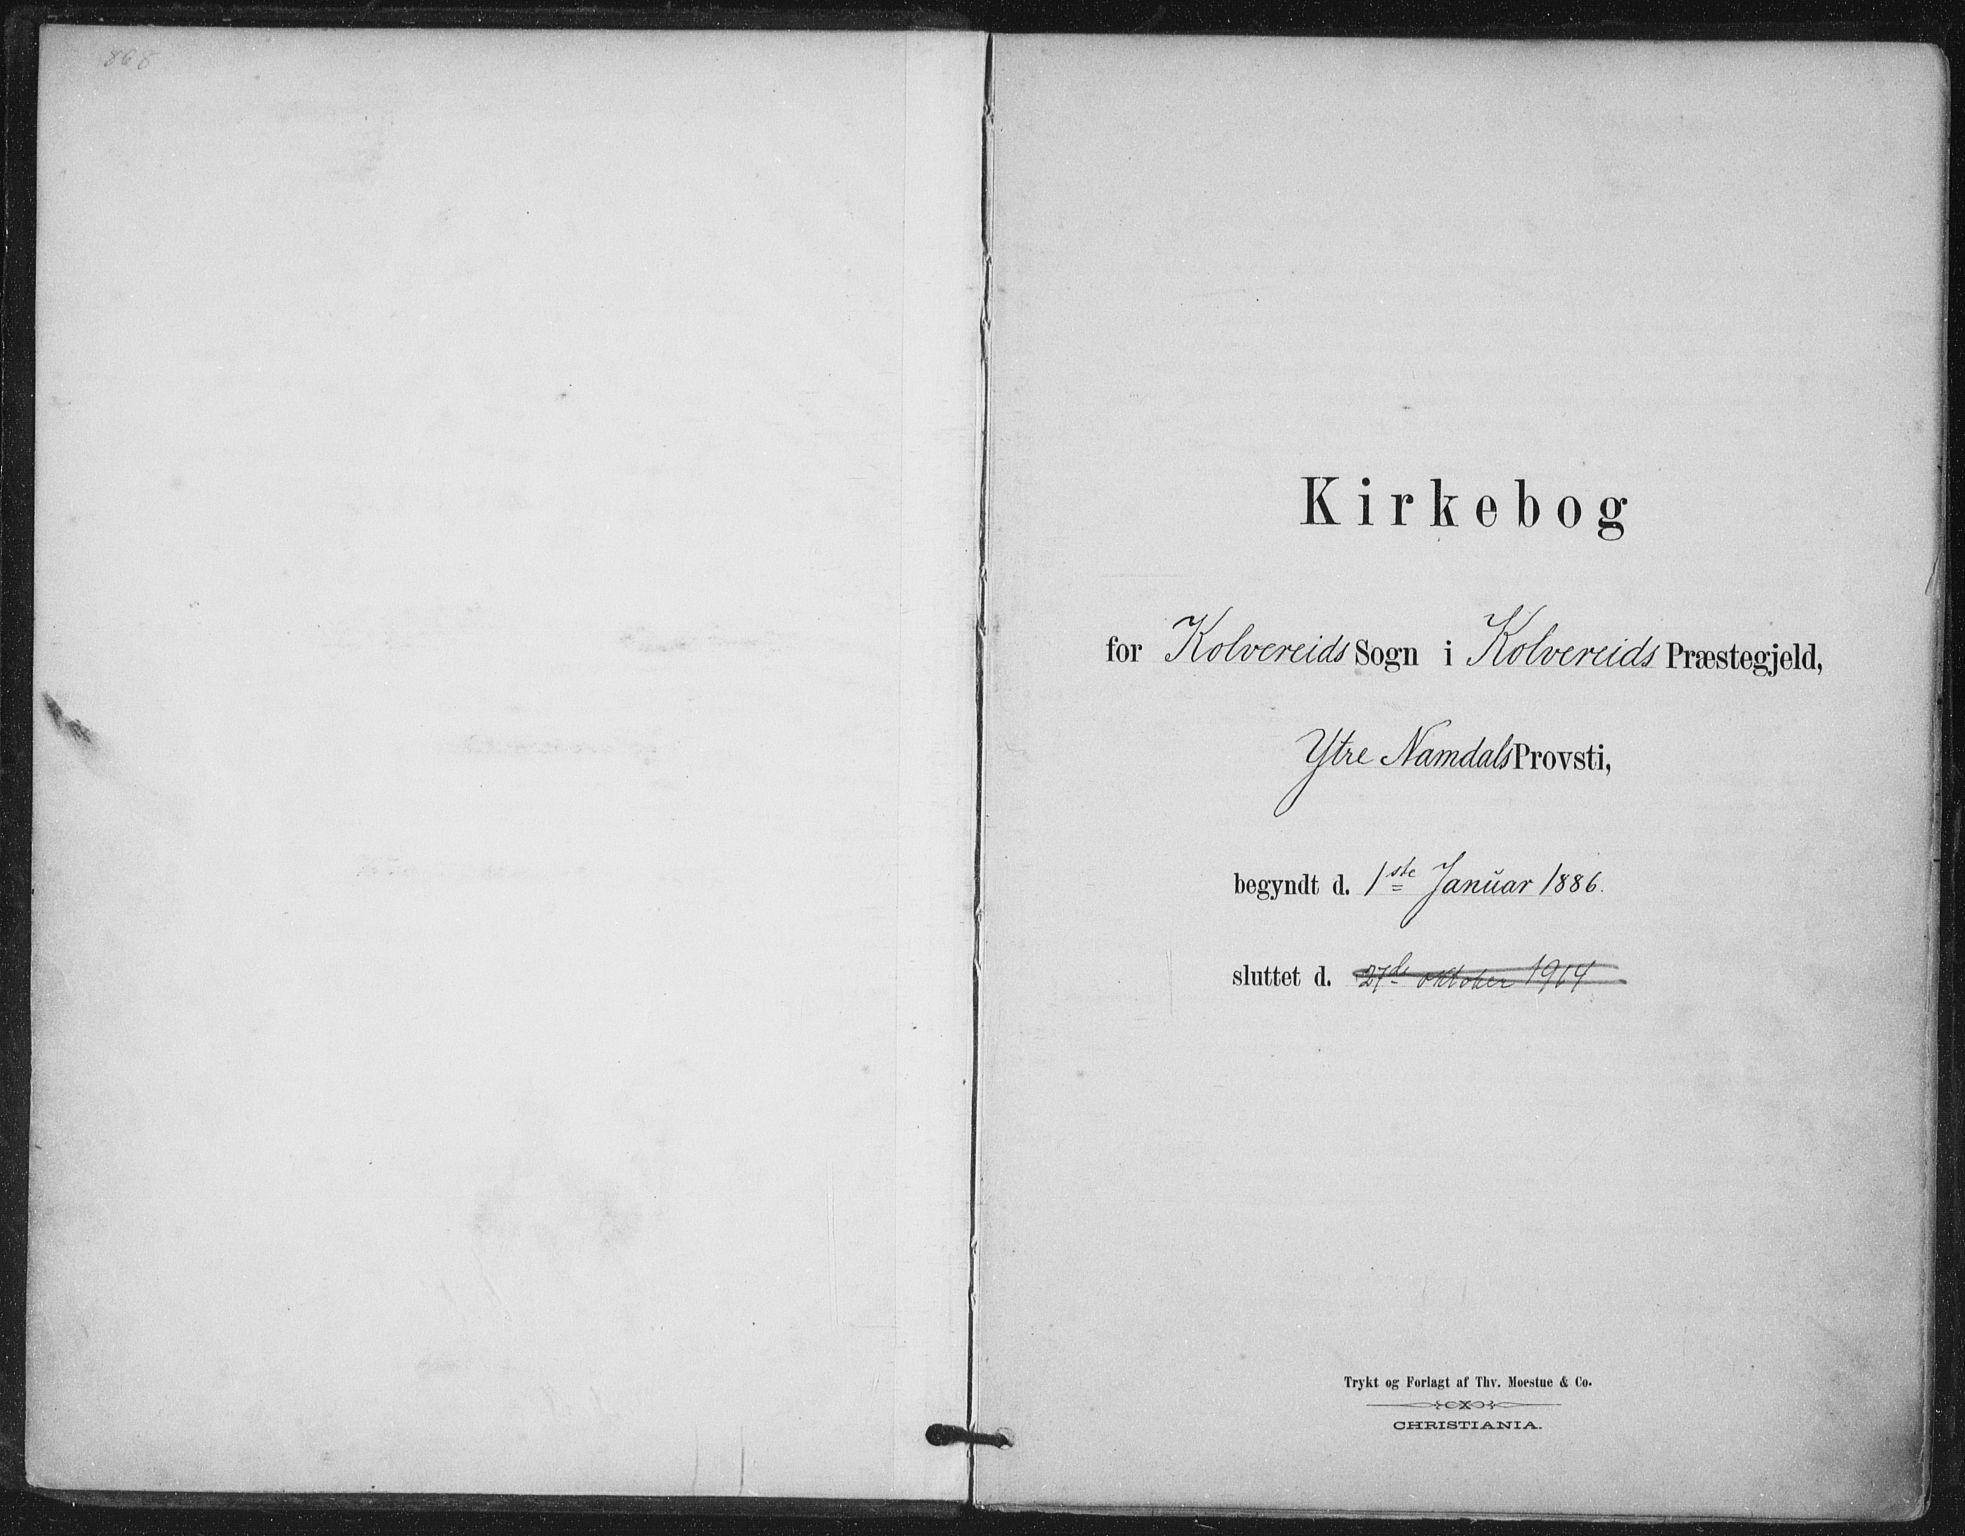 SAT, Ministerialprotokoller, klokkerbøker og fødselsregistre - Nord-Trøndelag, 780/L0644: Ministerialbok nr. 780A08, 1886-1903